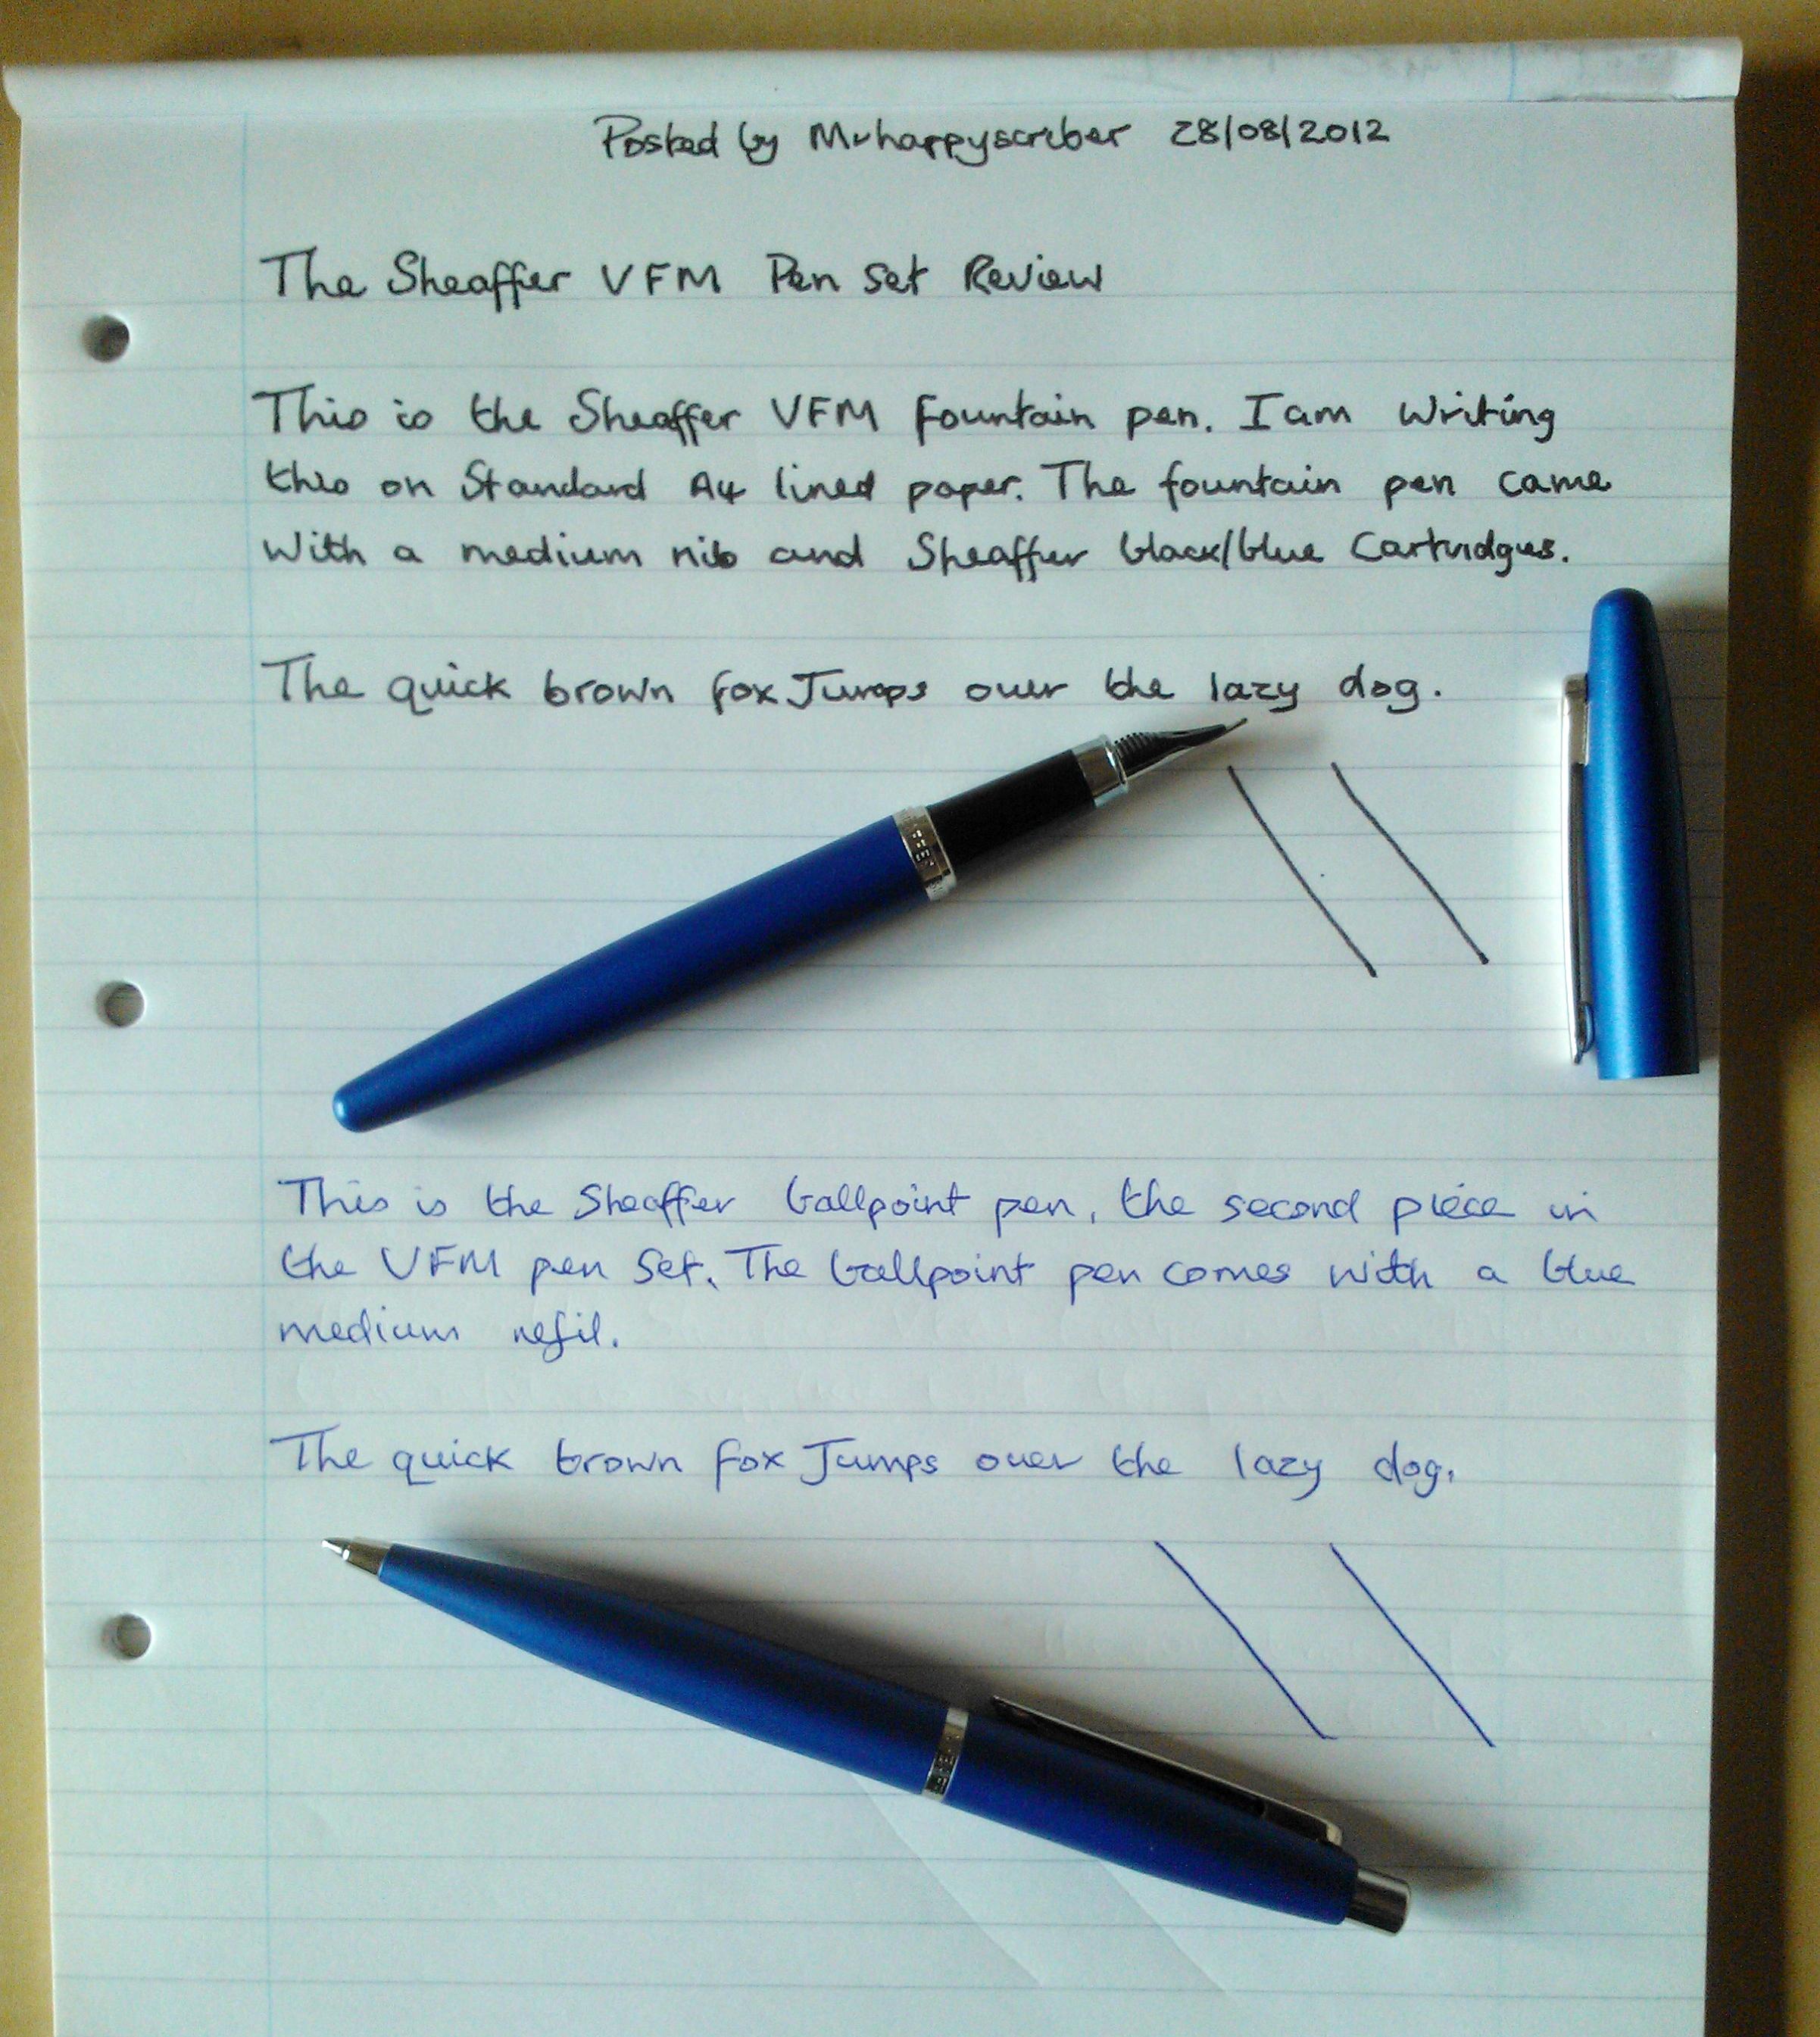 Pens sheaffer ink Sheaffer Fountain